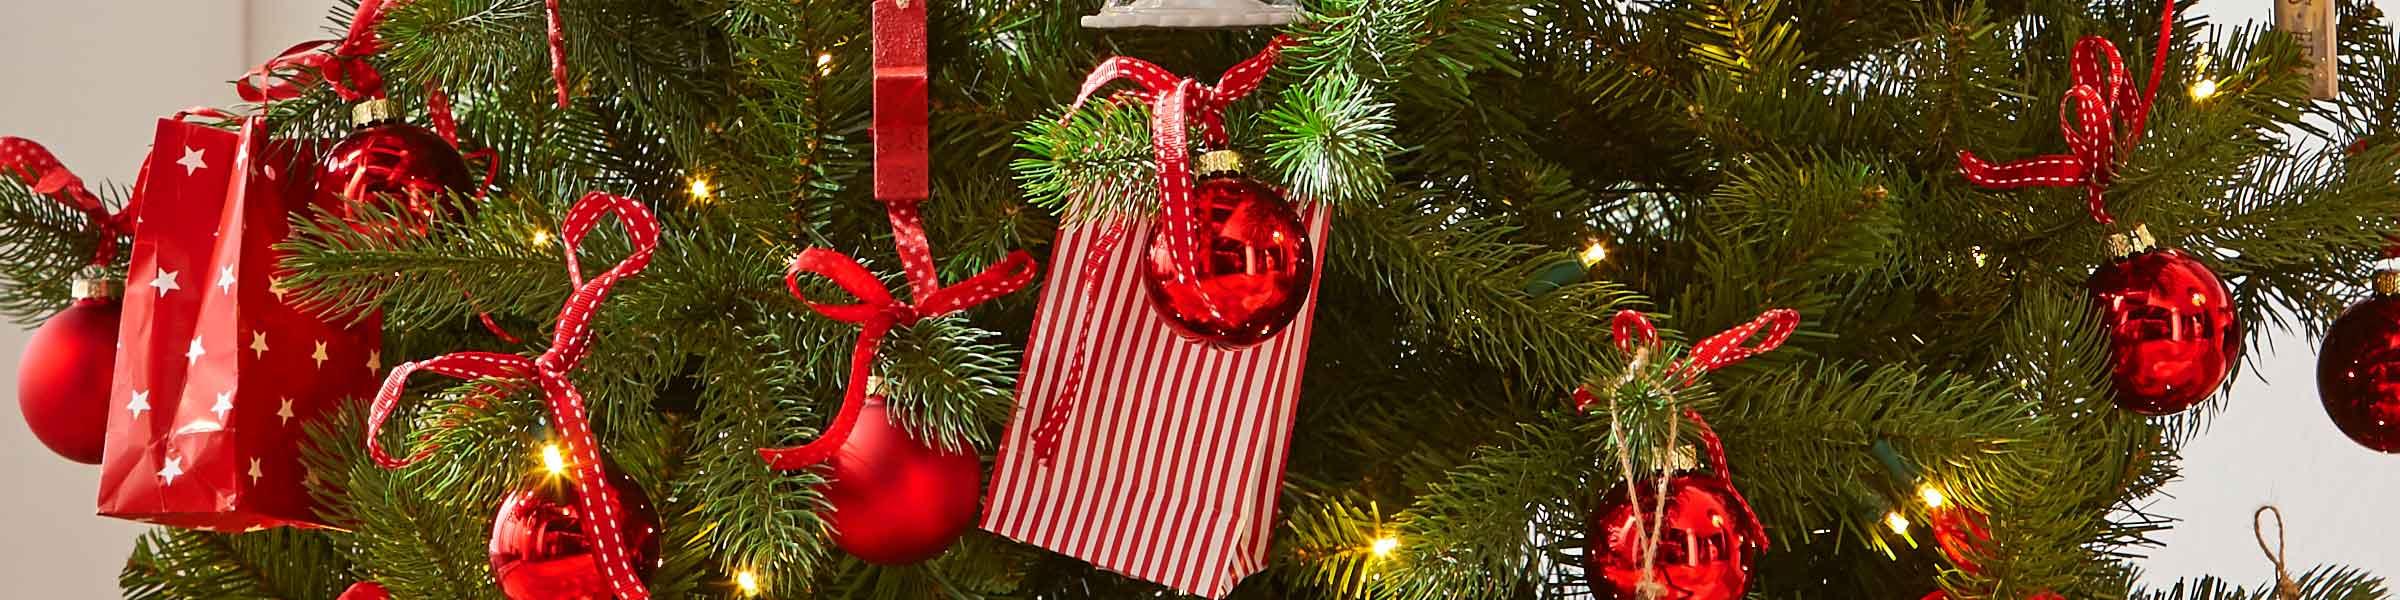 Künstlicher Weihnachtsbaum online kaufen | Dehner